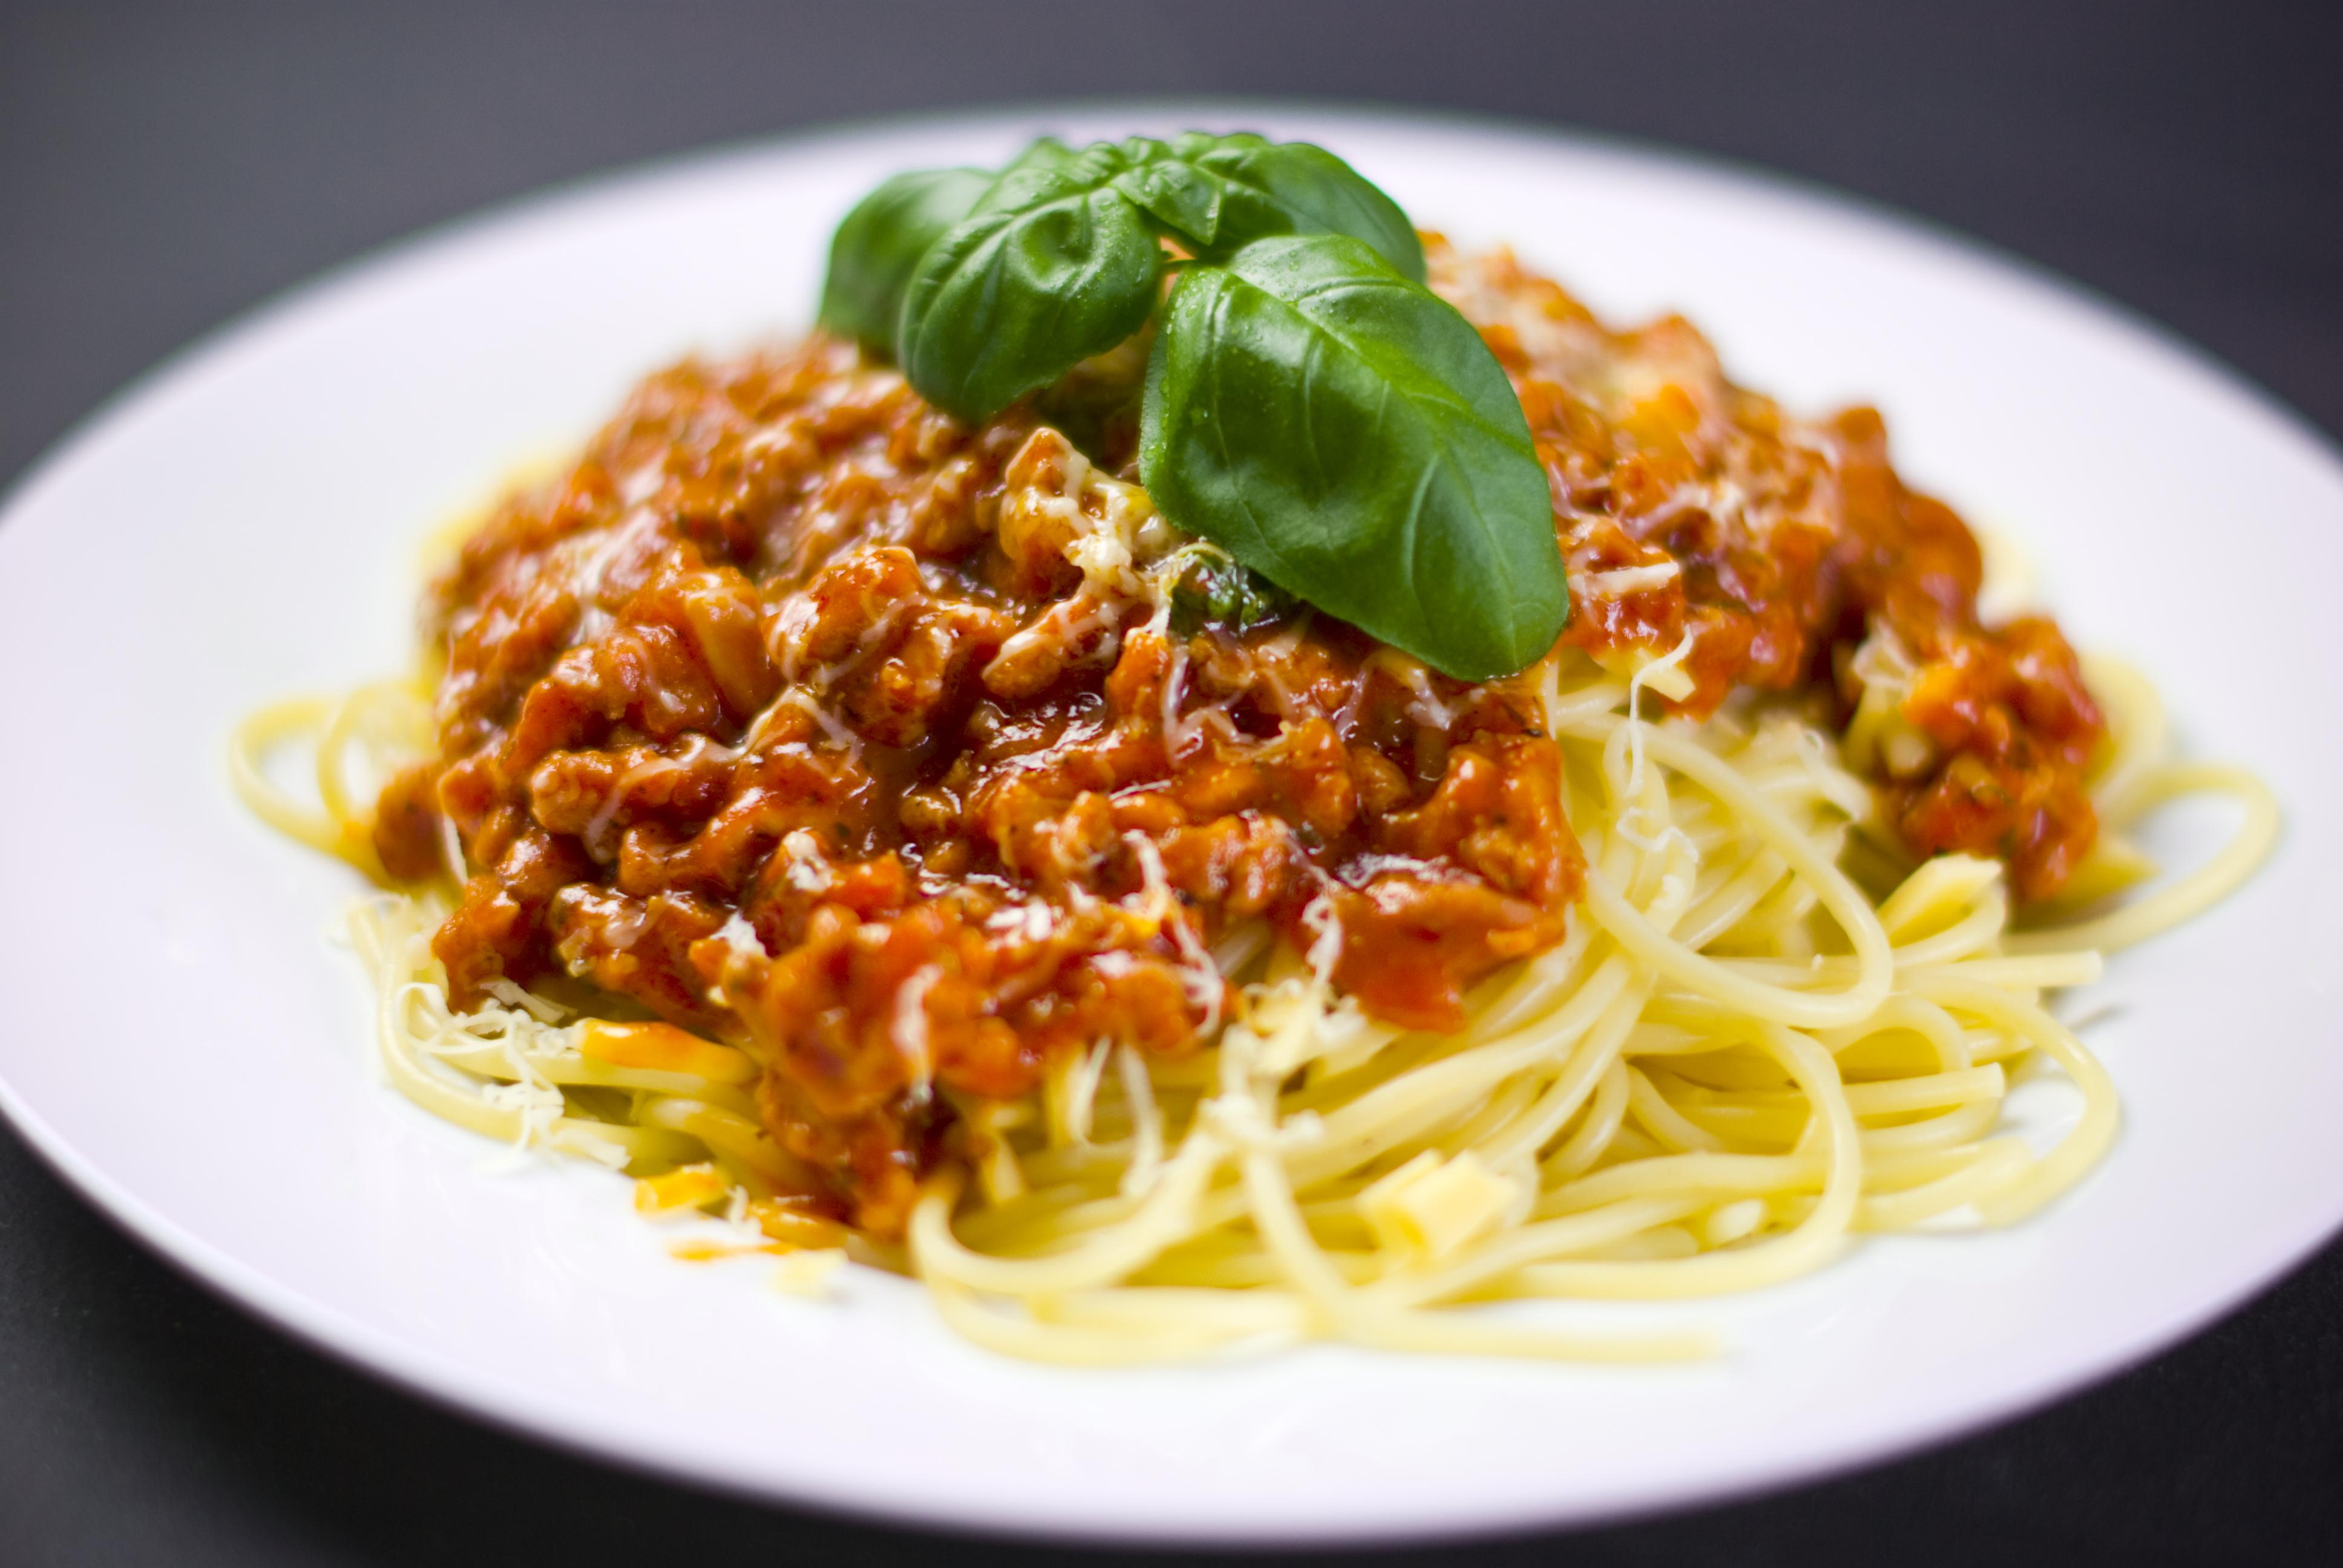 ミートソースのカロリーは?スパゲッティは高カロリー?ナポリタンやたらこパスタと比較